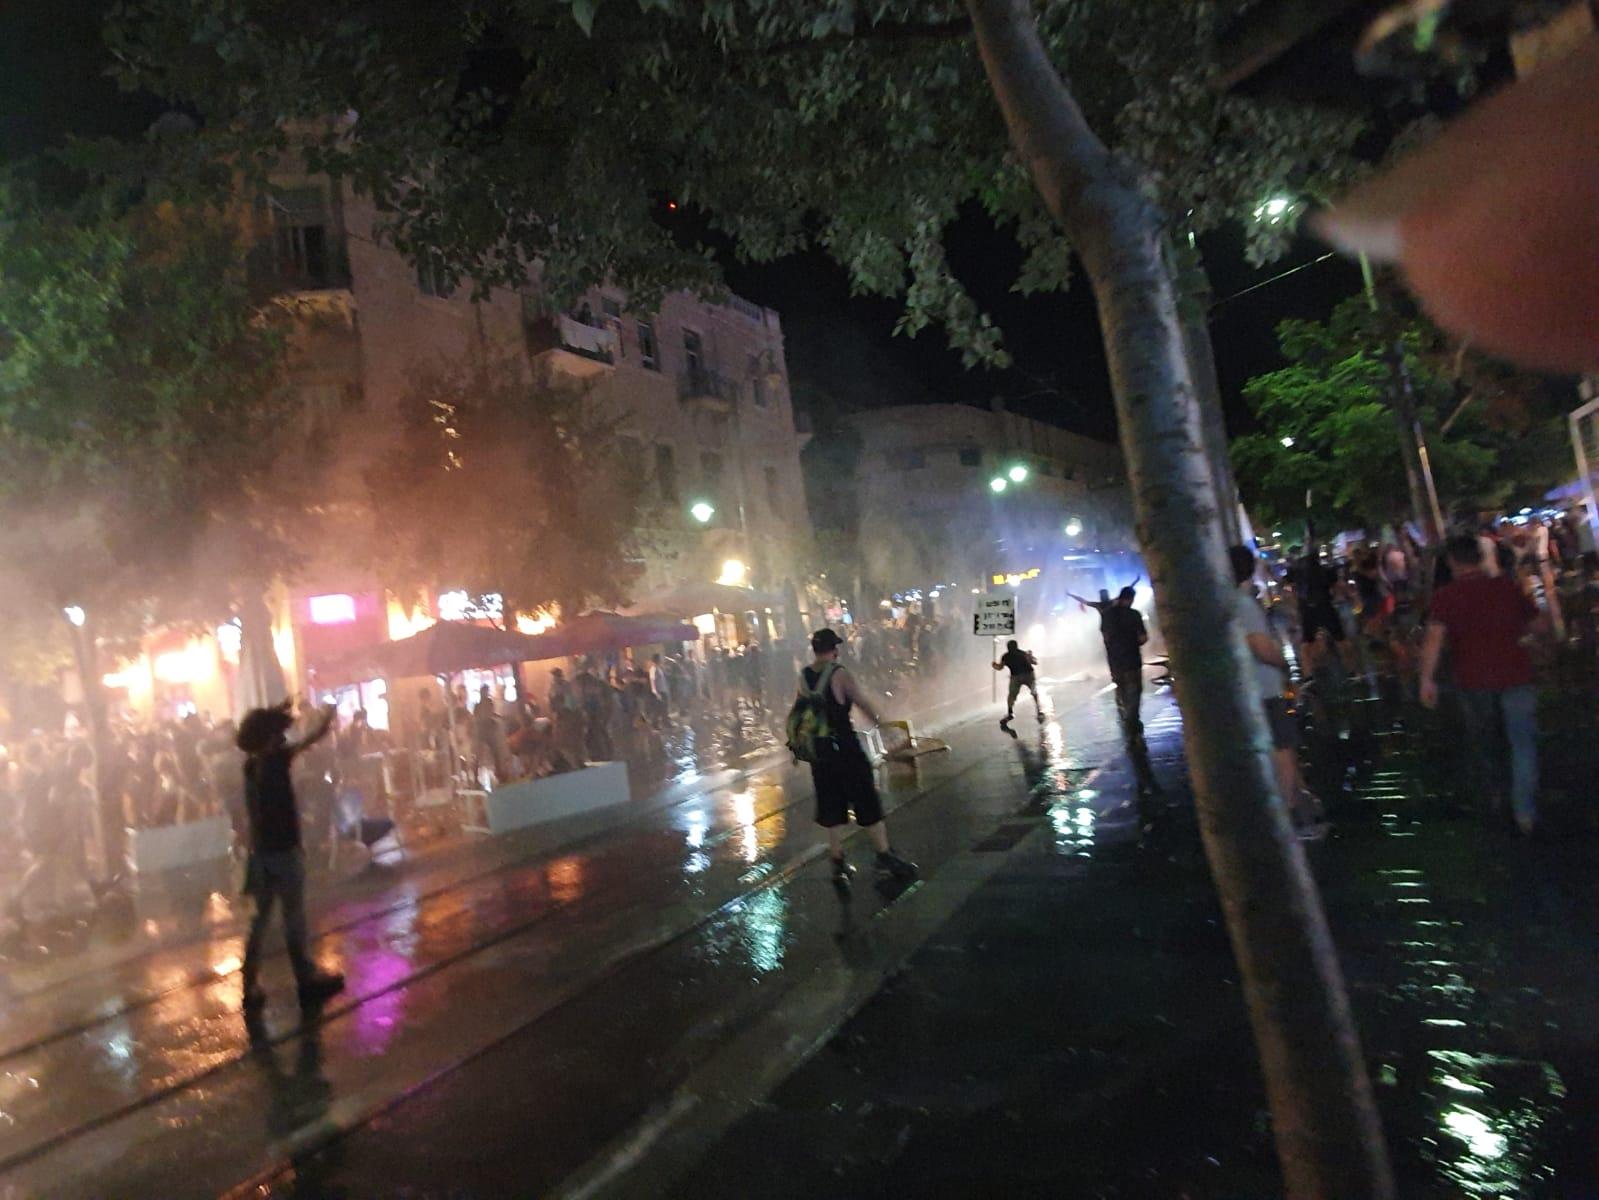 פיזור מפגינים באמצעות זרנוקים אחרי ההפגנה בבלפור ביום הבסטיליה (צילום: אורלי נוי)